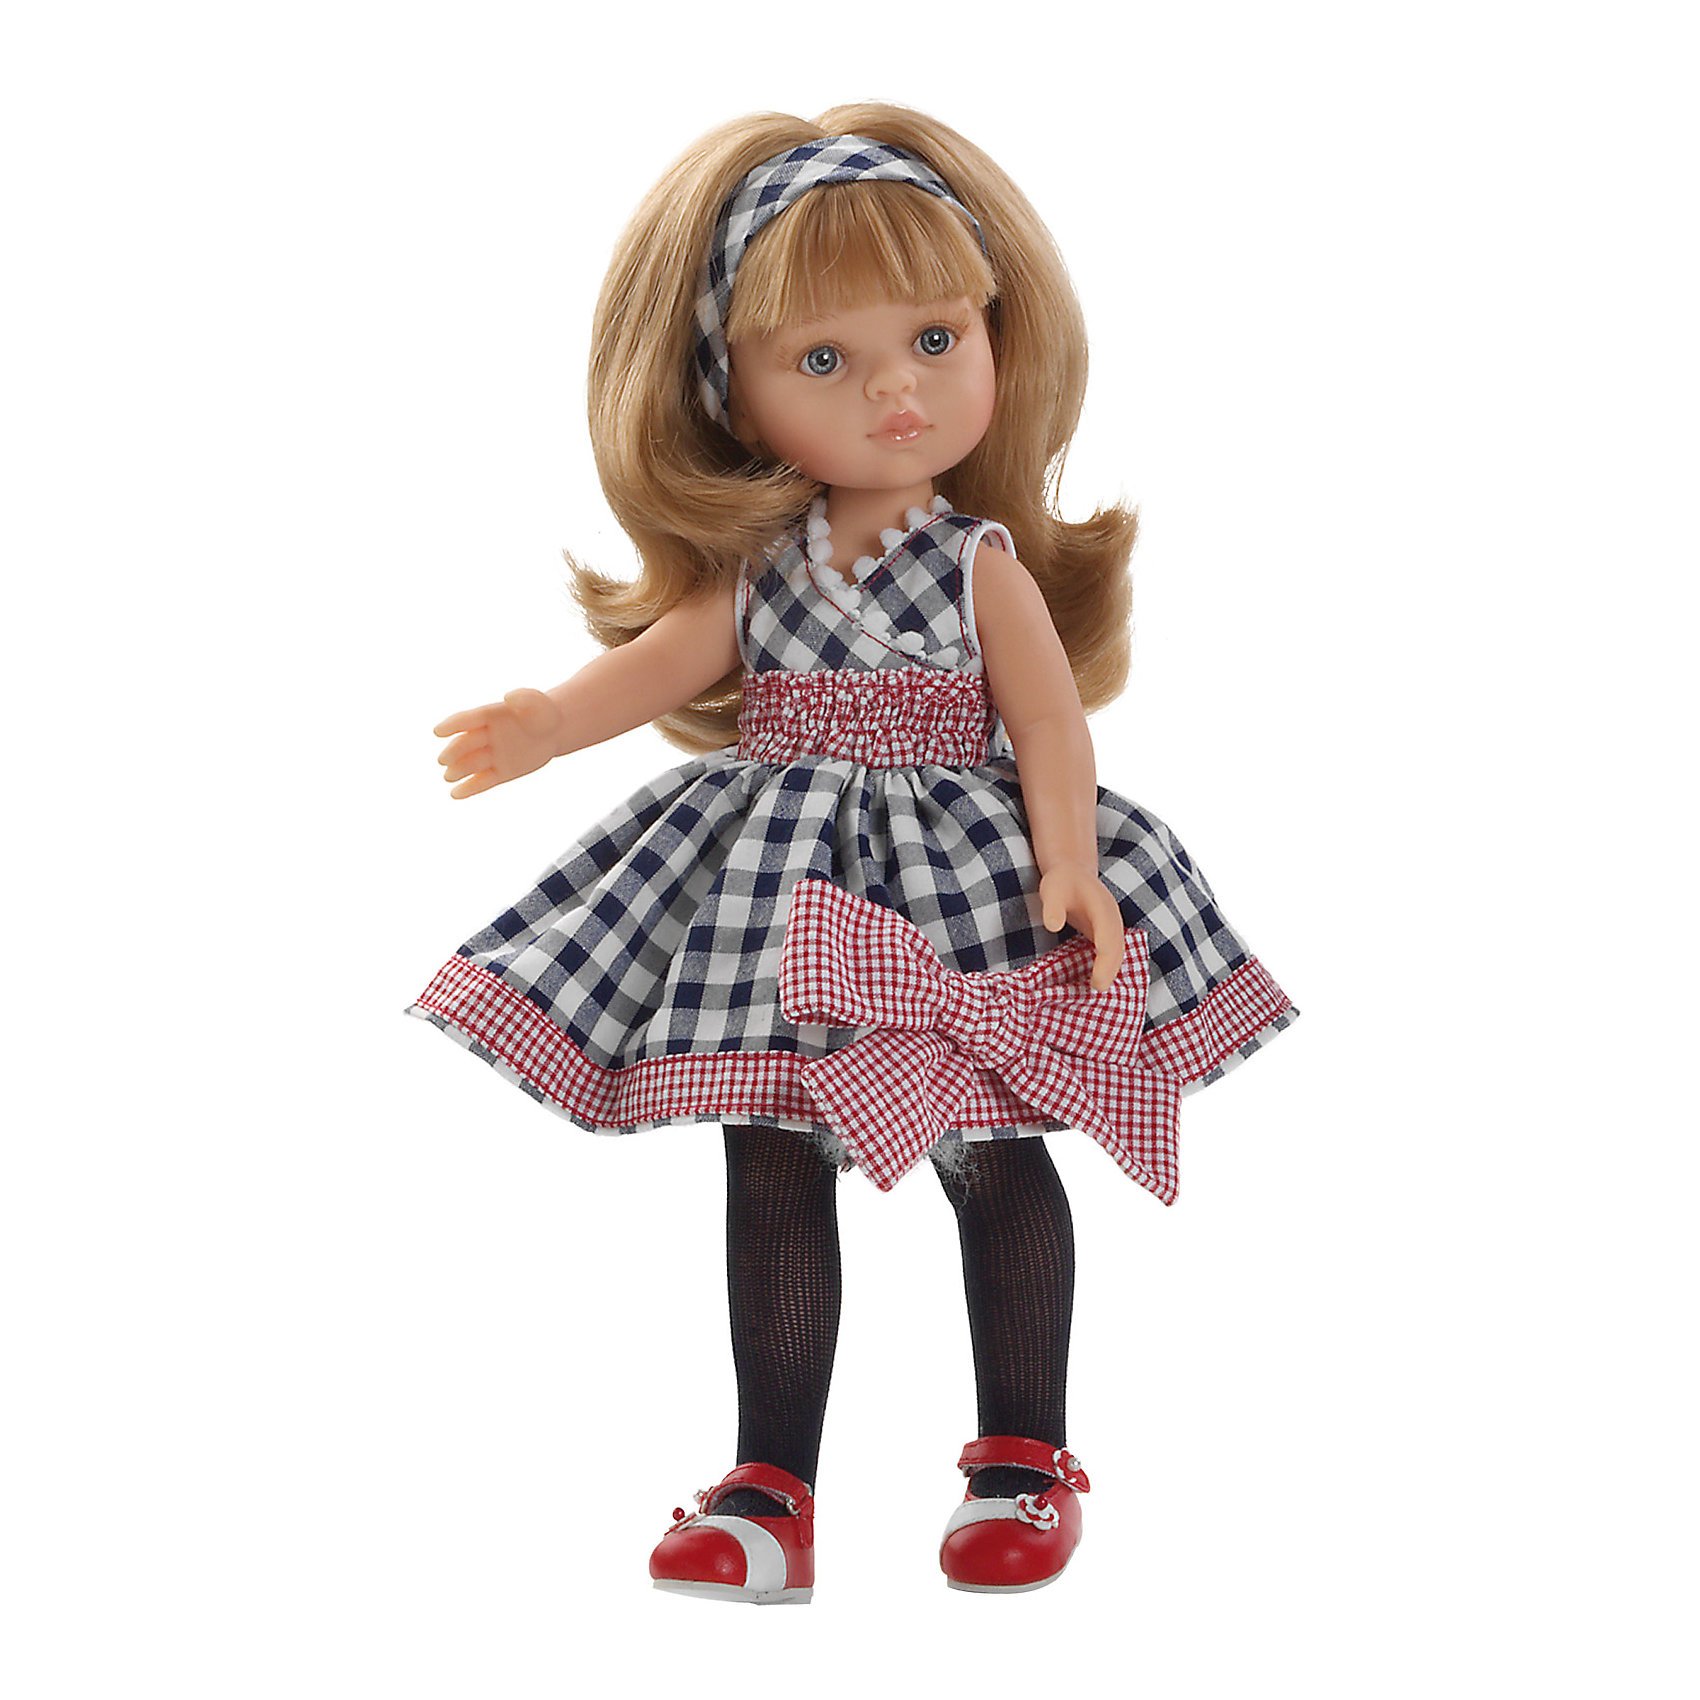 Кукла Карла Зима, 32 см, Paola ReinaКукла Карла Зима, 32 см, Paola Reina (Паола Рейна) – очаровательная кукла в модном наряде станет прекрасным подарком для вашей девочки.<br>Кукла Карла Зима, Paola Reina (Паола Рейна) – красивая кукла, которая с радостью станет верной подружкой вашей девочке. У куклы красивые большие глазки, невероятно длинные реснички и длинные светлые волосы, которые малышка сможет расчесывать и укладывать в самые разнообразные прически. Карла одета в оригинальное клетчатое платье с пышной юбкой и большим бантом, на ногах красуются красные босоножки, которые стильно смотрятся с черными колготками. Кукла имеет уникальный, неповторимый дизайн лица и тела - все мельчайшие делали, идеально выполнены и проработаны. Голова, руки и ножки двигаются, глаза не закрываются. Особый шарм кукле придает приятный и легкий ванильный аромат. Кукла изготовлена из качественного и экологически чистого винила. Благодаря пяти точкам артикуляции и мягкости винила, ее удобно переодевать.<br><br>Дополнительная информация:<br><br>- Ручная работа (ресницы, щечки, губы, прическа) делает кукол от Paola Reina настолько натуральными, что их лицо выглядит совсем как живое<br>- Волосы очень похожи на натуральные, они легко расчесываются и блестят<br>- Эксклюзивная одежда из высококачественного текстиля<br>- Материалы: кукла изготовлена из винила, глаза выполнены в виде кристалла из прозрачного твердого пластика, волосы сделаны из высококачественного нейлона<br>- Национальность: европейка<br>- Рост куклы: 32 см.<br>- Упаковка: картонная коробка<br>- Качество подтверждено нормами безопасности EN17 ЕЭС<br><br>Куклу Карла Зима, 32 см, Paola Reina (Паола Рейна) можно купить в нашем интернет-магазине.<br><br>Ширина мм: 110<br>Глубина мм: 230<br>Высота мм: 410<br>Вес г: 667<br>Возраст от месяцев: 36<br>Возраст до месяцев: 144<br>Пол: Женский<br>Возраст: Детский<br>SKU: 4243809